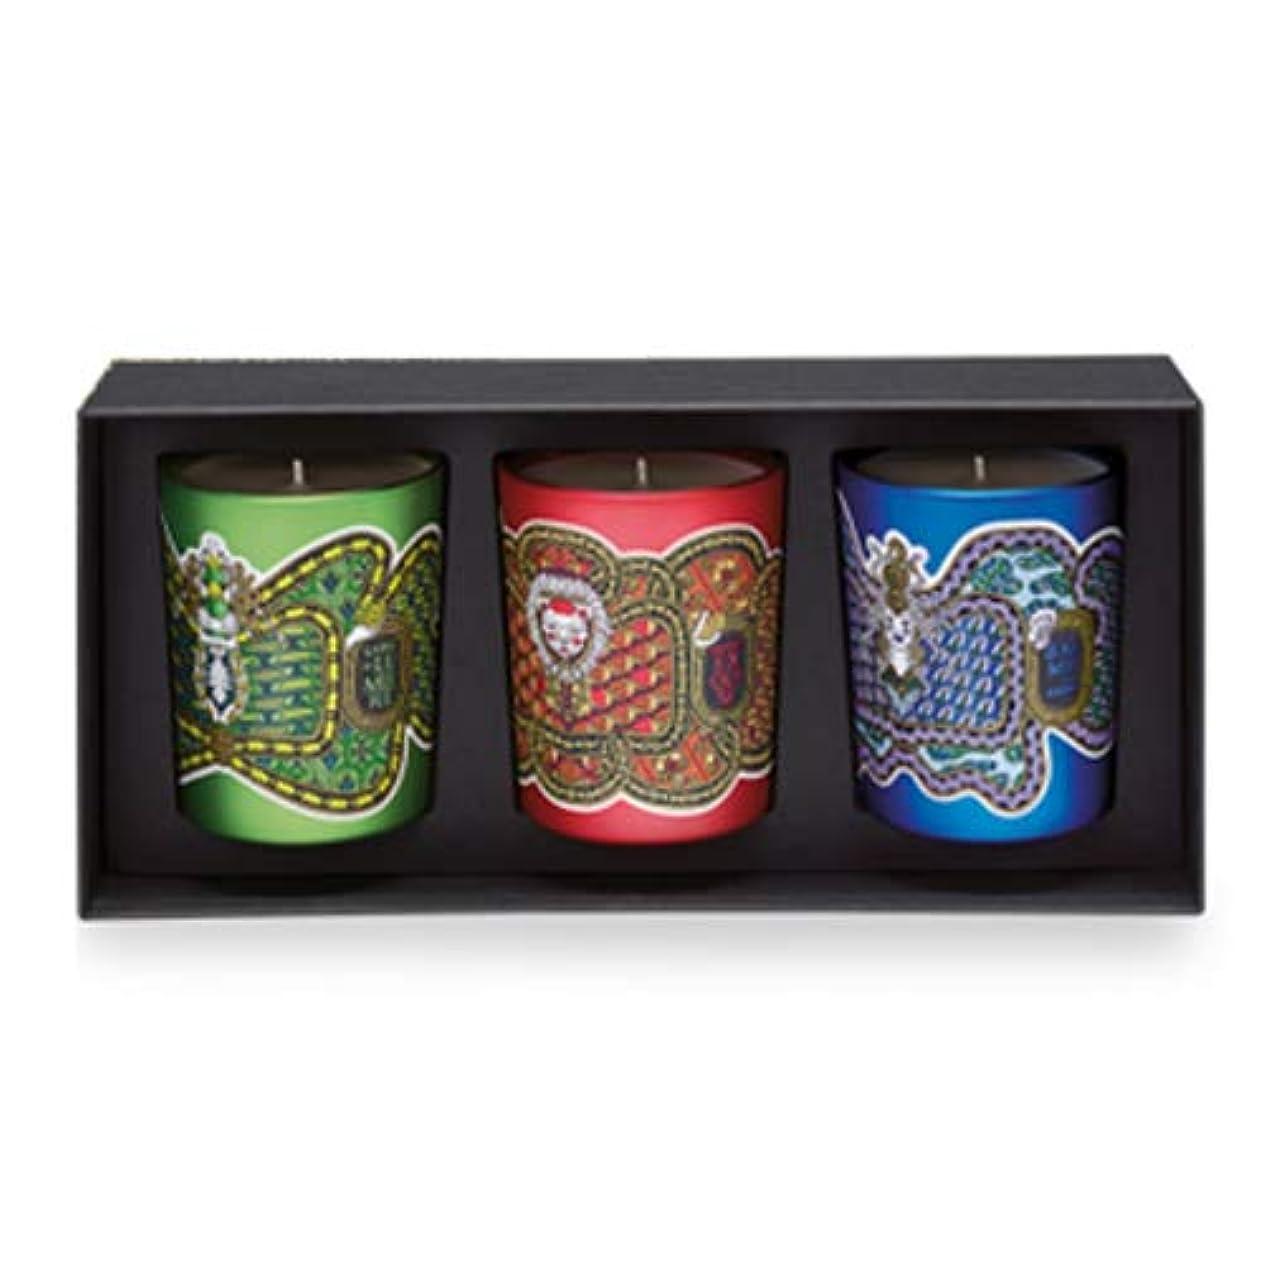 圧倒的バッフルバスディプティック フレグランス キャンドル コフレ 3種類の香り 190g×3 DIPTYQUE LEGENDE DU NORD SCENTED HOLIDAY 3 CANDLE SET [6586] [並行輸入品]